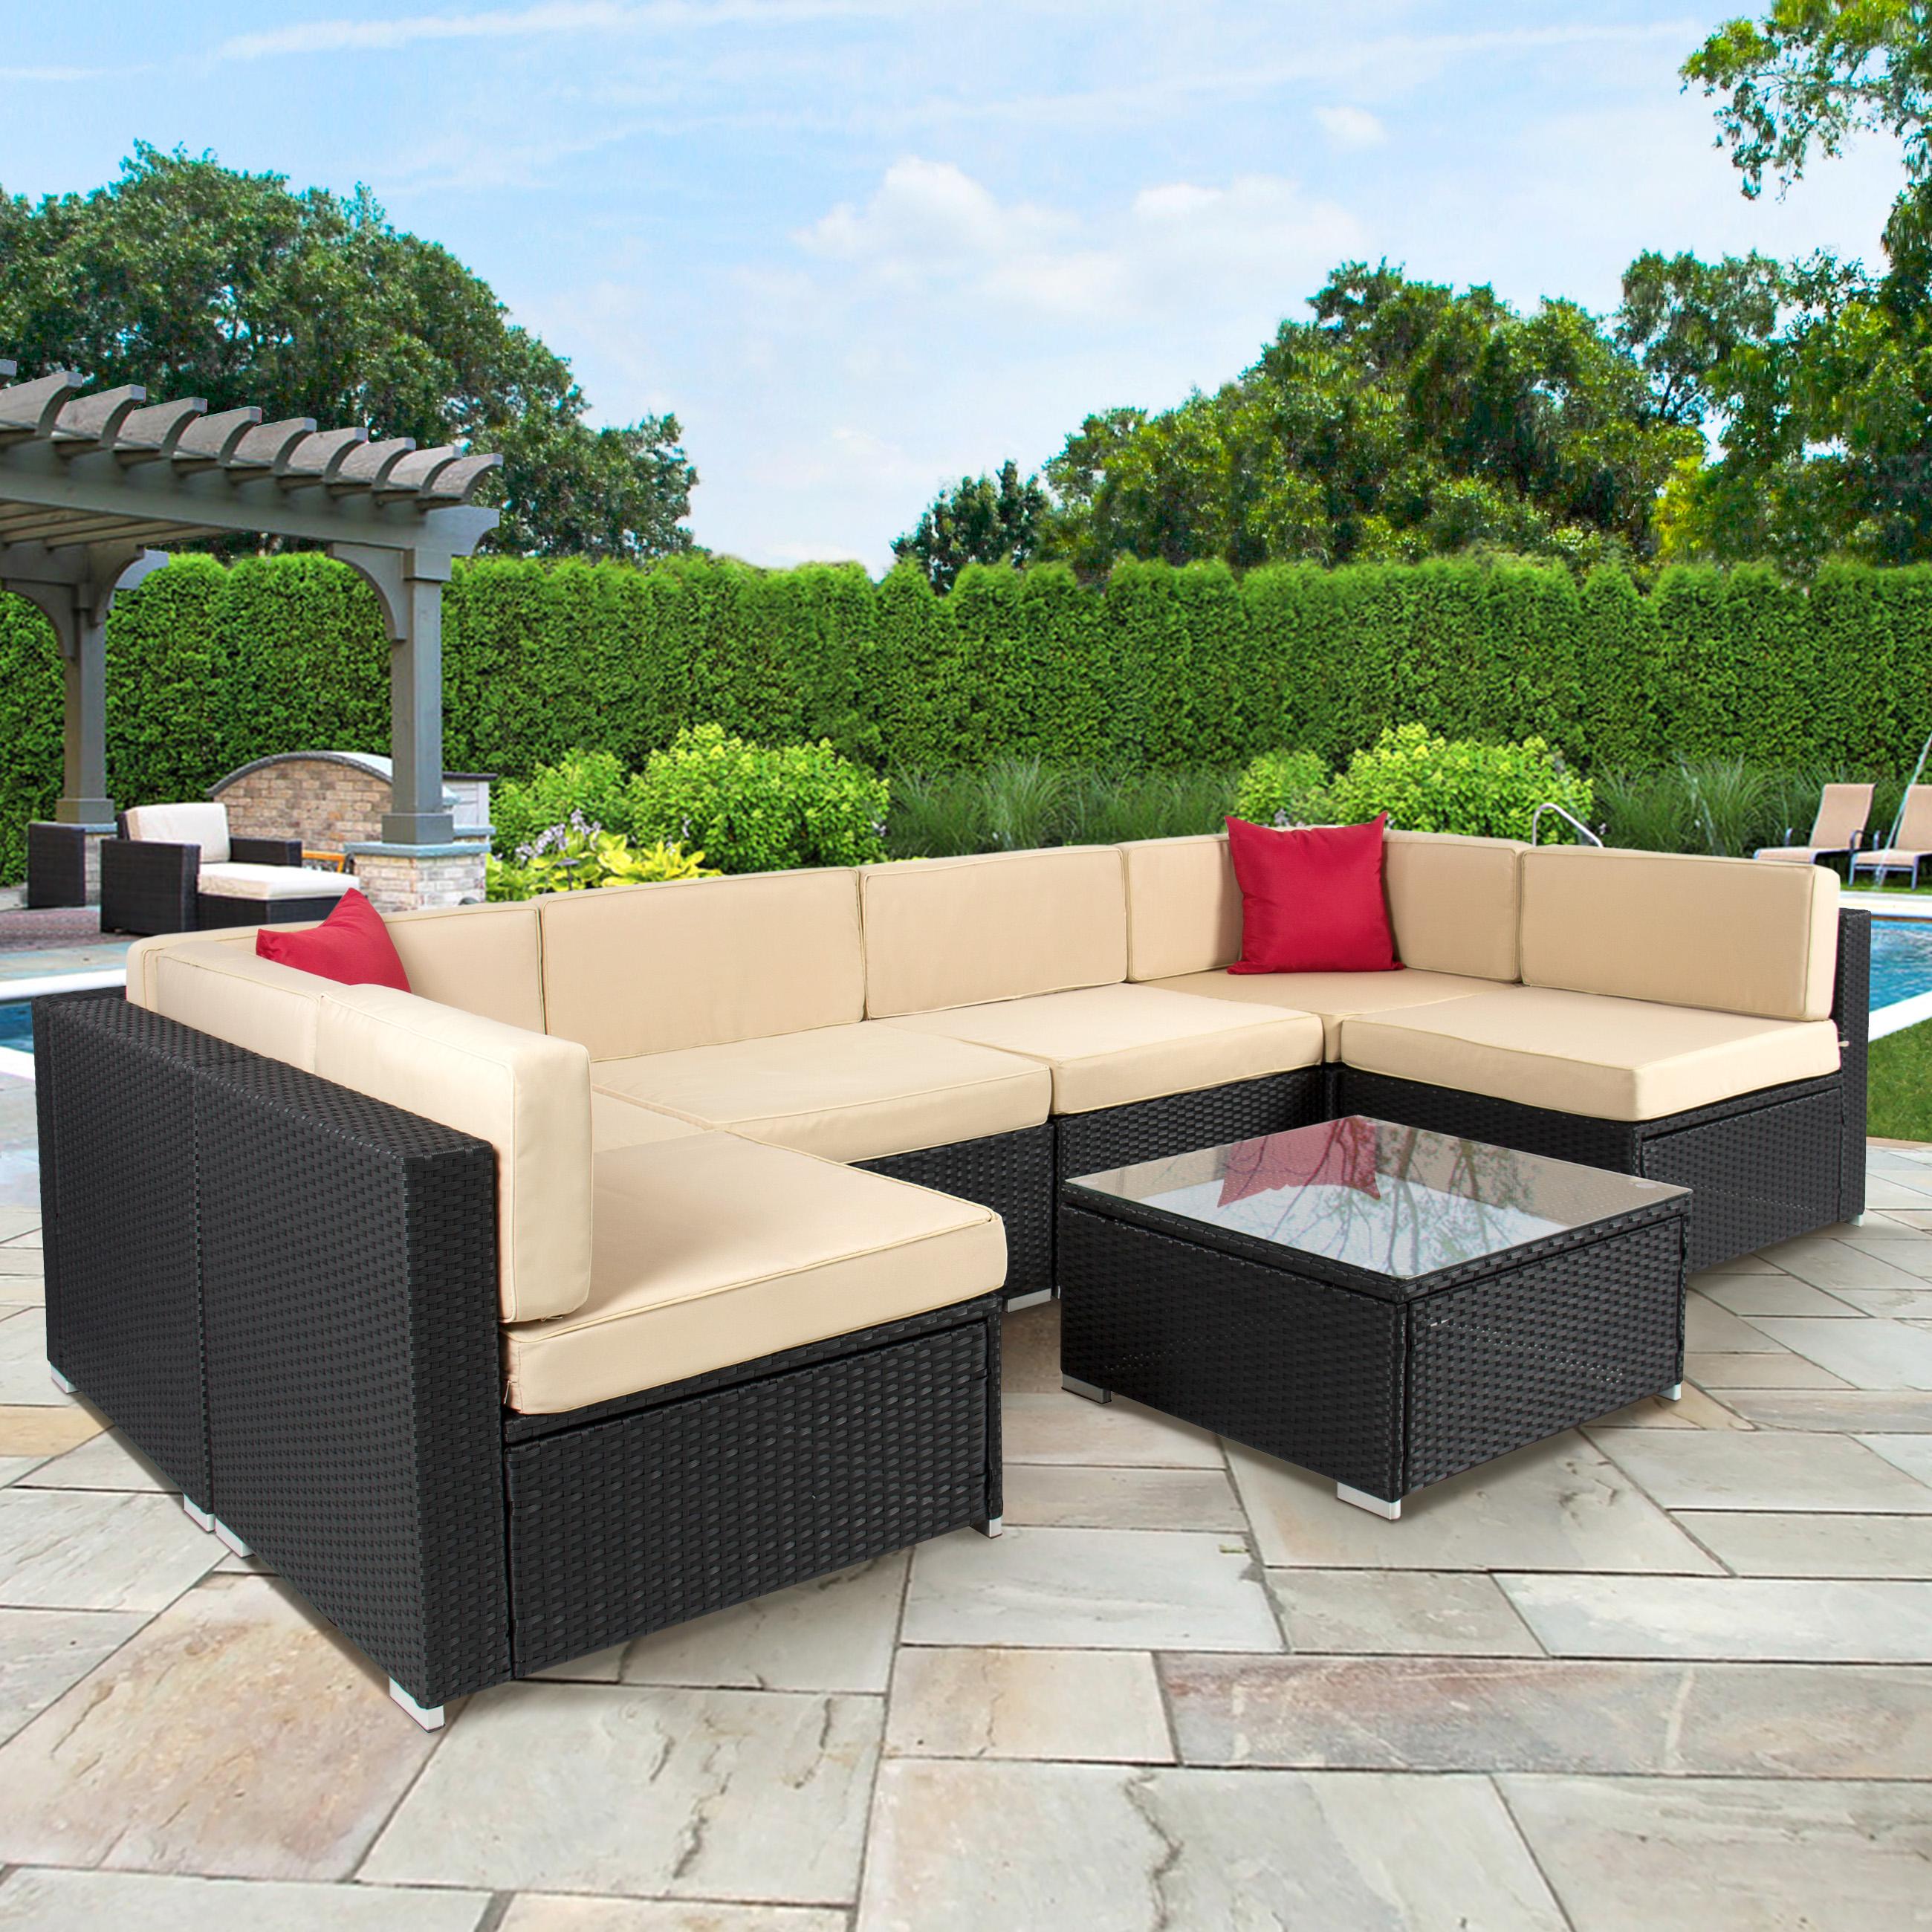 Rattan garden sofa sets for classy garden